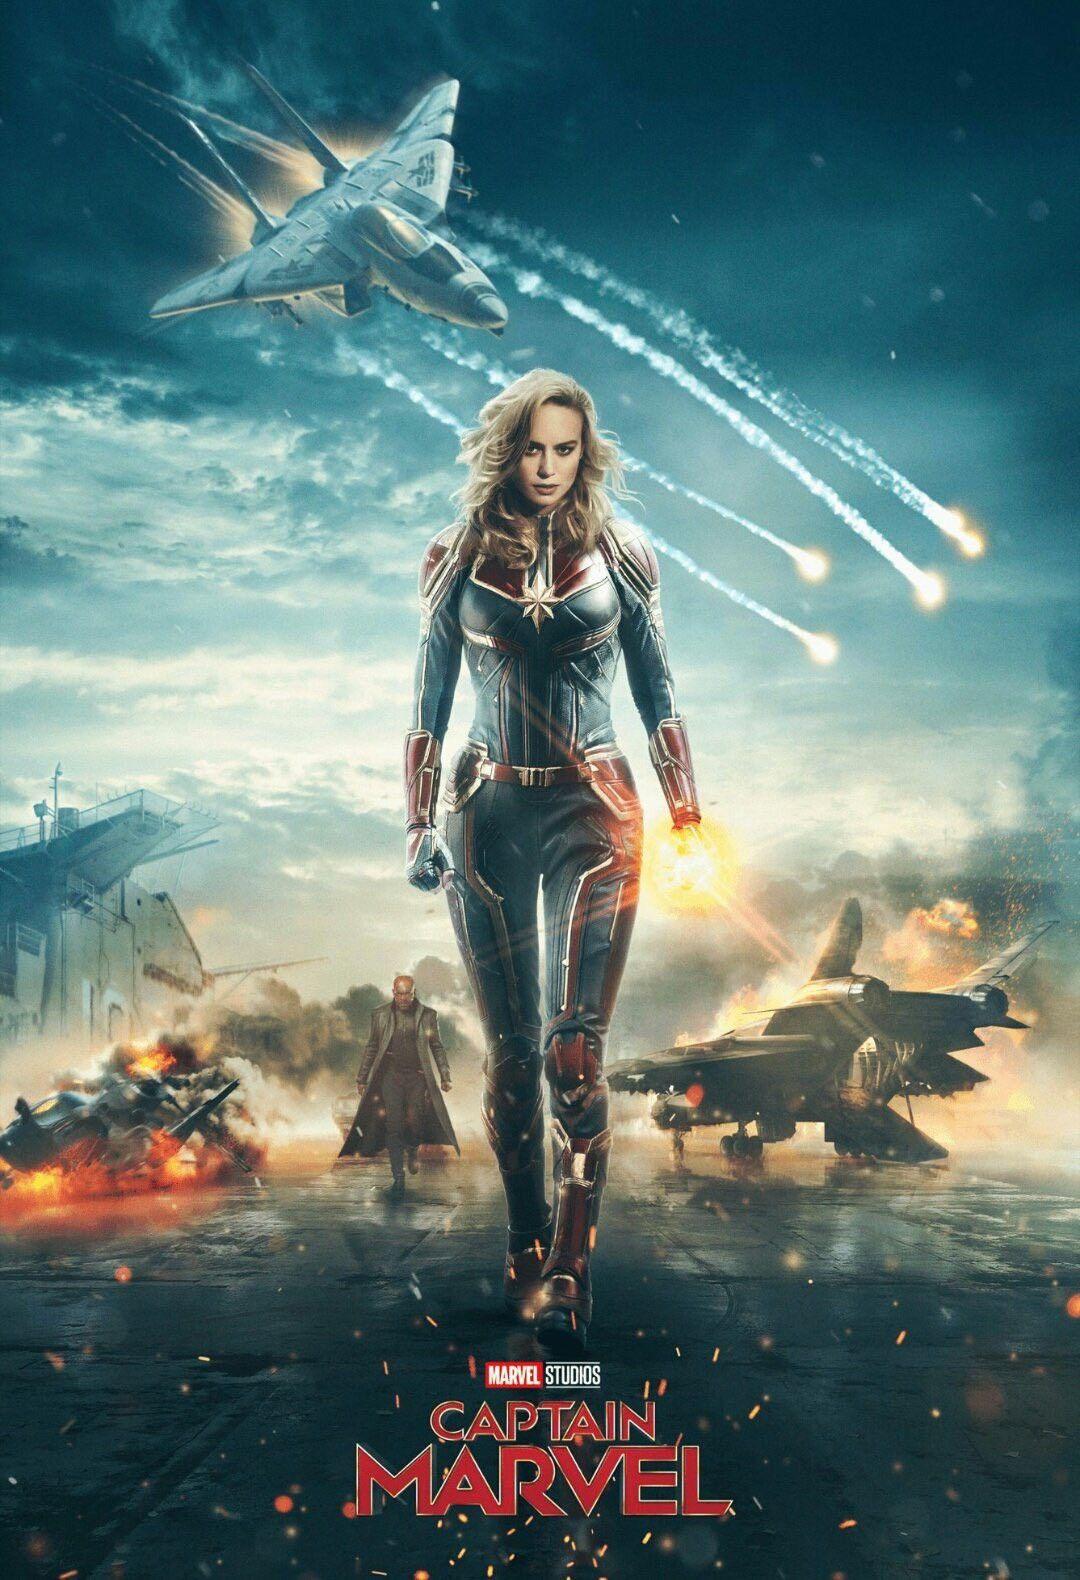 affiche captain marvel par marvel studios